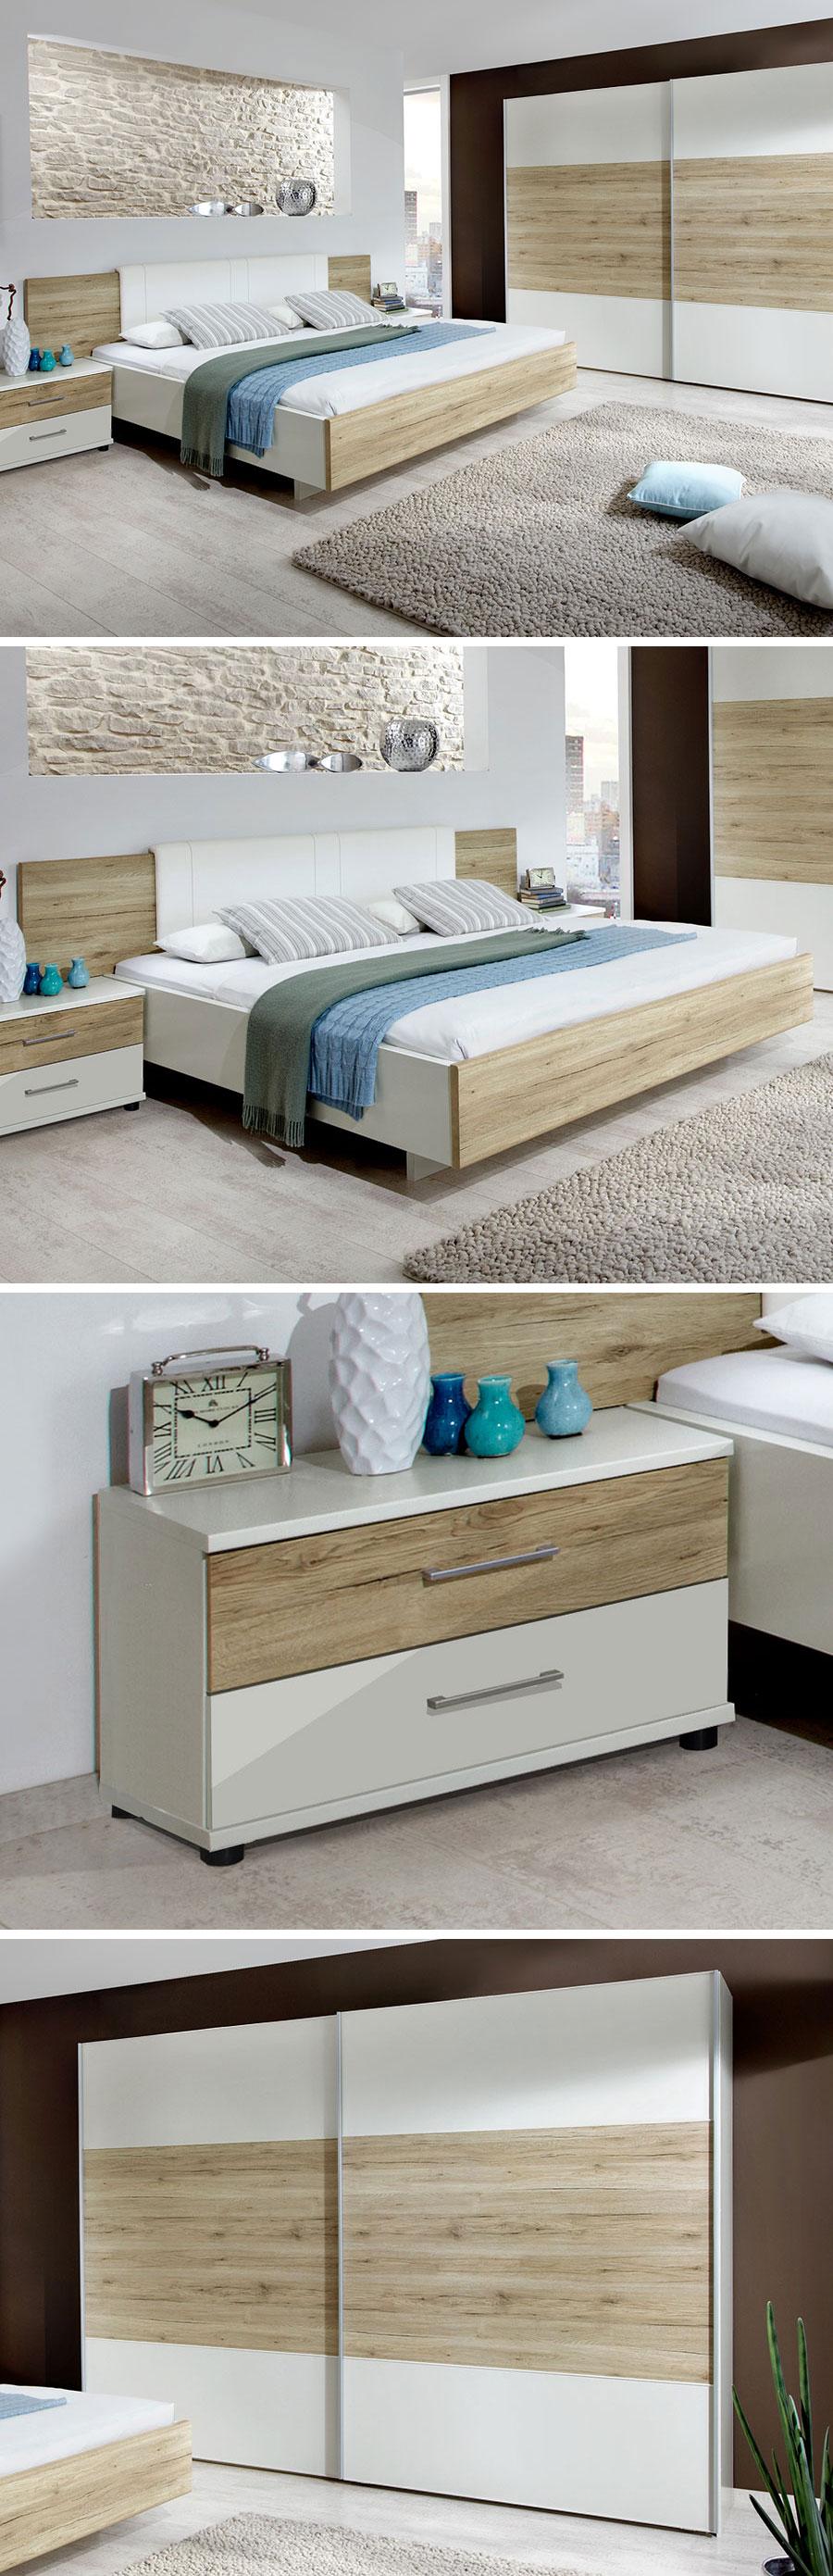 Tolles Schlafzimmer In Weiss Mit Eiche Nachbildung Betten De